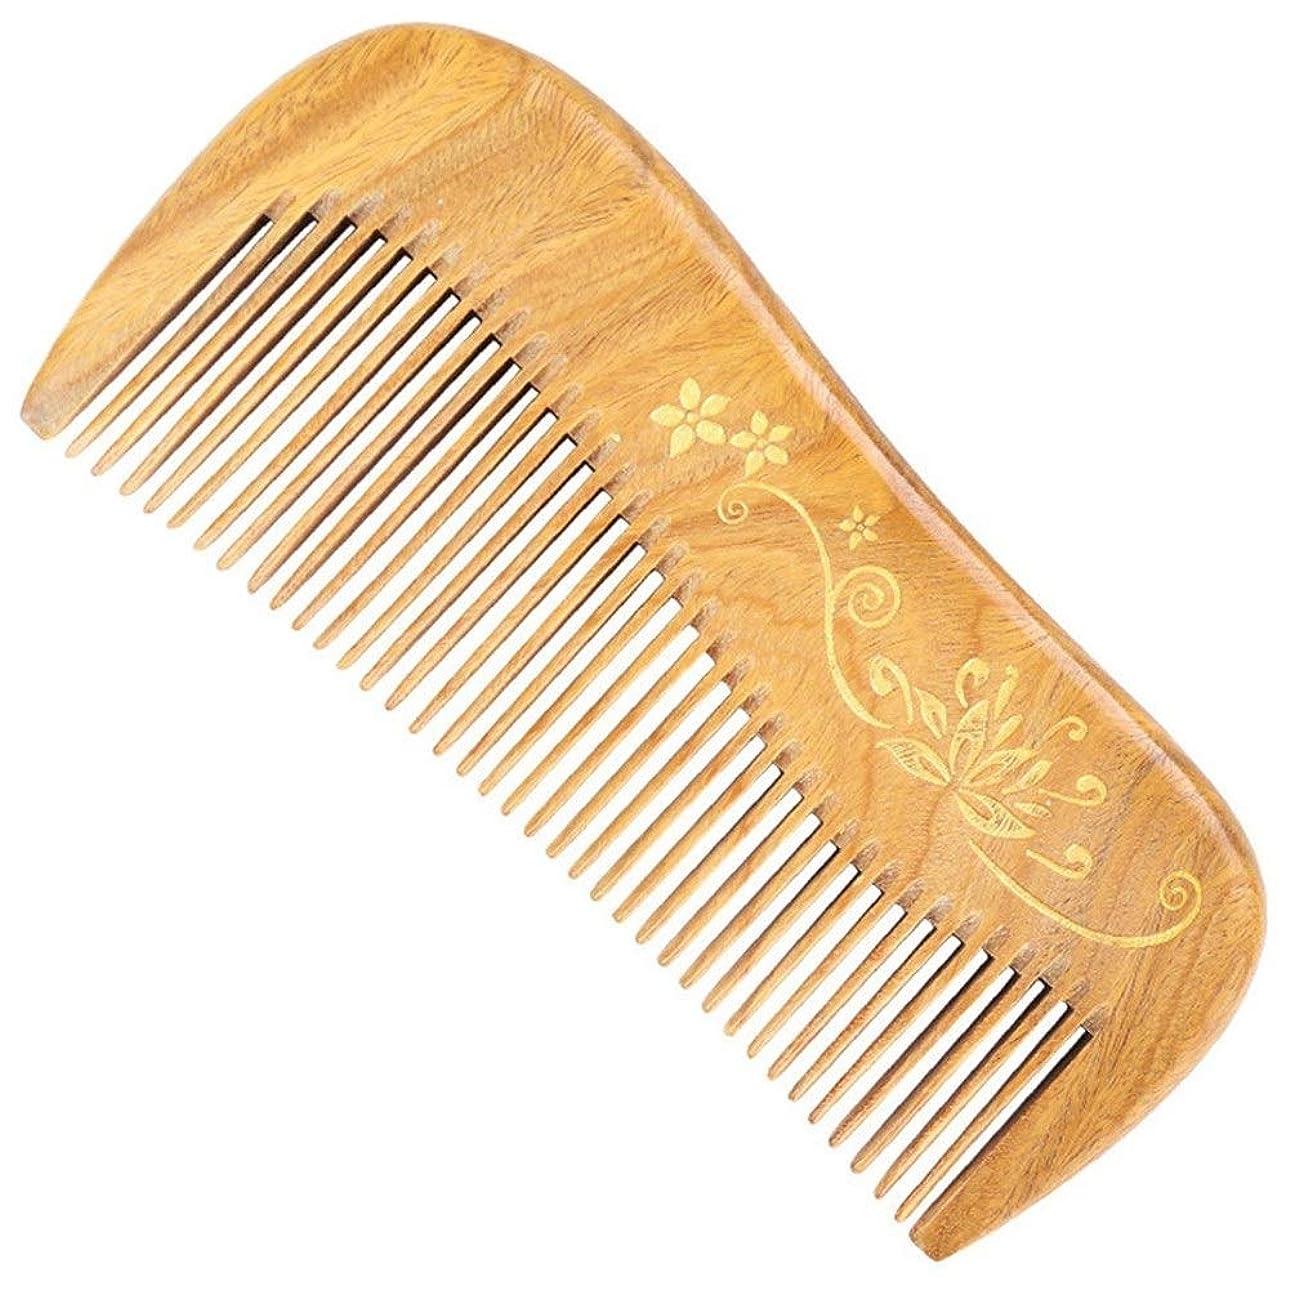 バレル雇用者故障Guomao 玉サンダルウッドの櫛彫りのタッチゴールド理髪櫛 (Size : 12.5*5.5*1.1 cm)